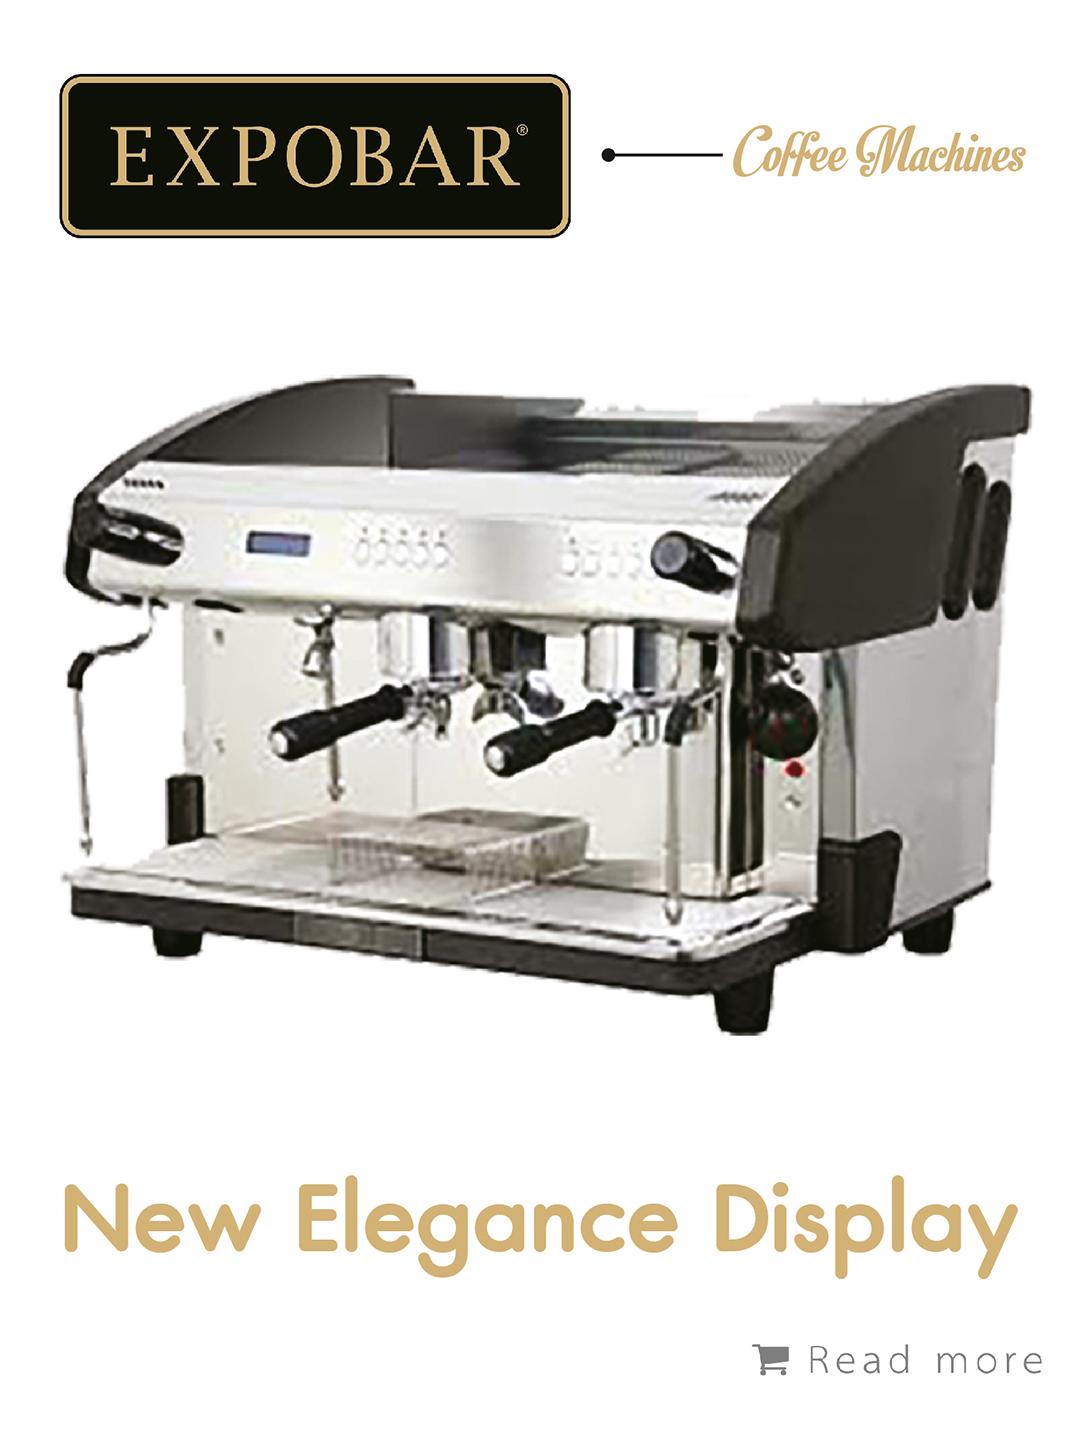 เครื่องชงกาแฟ Expobar New Elegance Display 2g,เครื่องชงกาแฟ, เรียนชงกาแฟ, สอนชงกาแฟ, อุปกรณ์ร้านกาแฟ, กาแฟคั่ว, ซ่อมเครื่องชงกาแฟ, ขายเครื่องชงกาแฟ, จำหน่ายเมล็ดกาแฟคั่ว, ขายเมล็ดกาแฟคั่ว, จำหน่ายเมล็ดกาแฟสาร, ขายเมล็ดกาแฟสาร, เมล็ดกาแฟคั่ว, เมล็ดกาแฟสาร, อุปกรณ์สำหรับเปิดร้านกาแฟ , เปิดสอนฝึกอบรมการชงกาแฟที่ถูกต้อง , รับจ้างโปรเซสกาแฟ, คั่วกาแฟด้วยเครื่องจักรอันทันสมัย